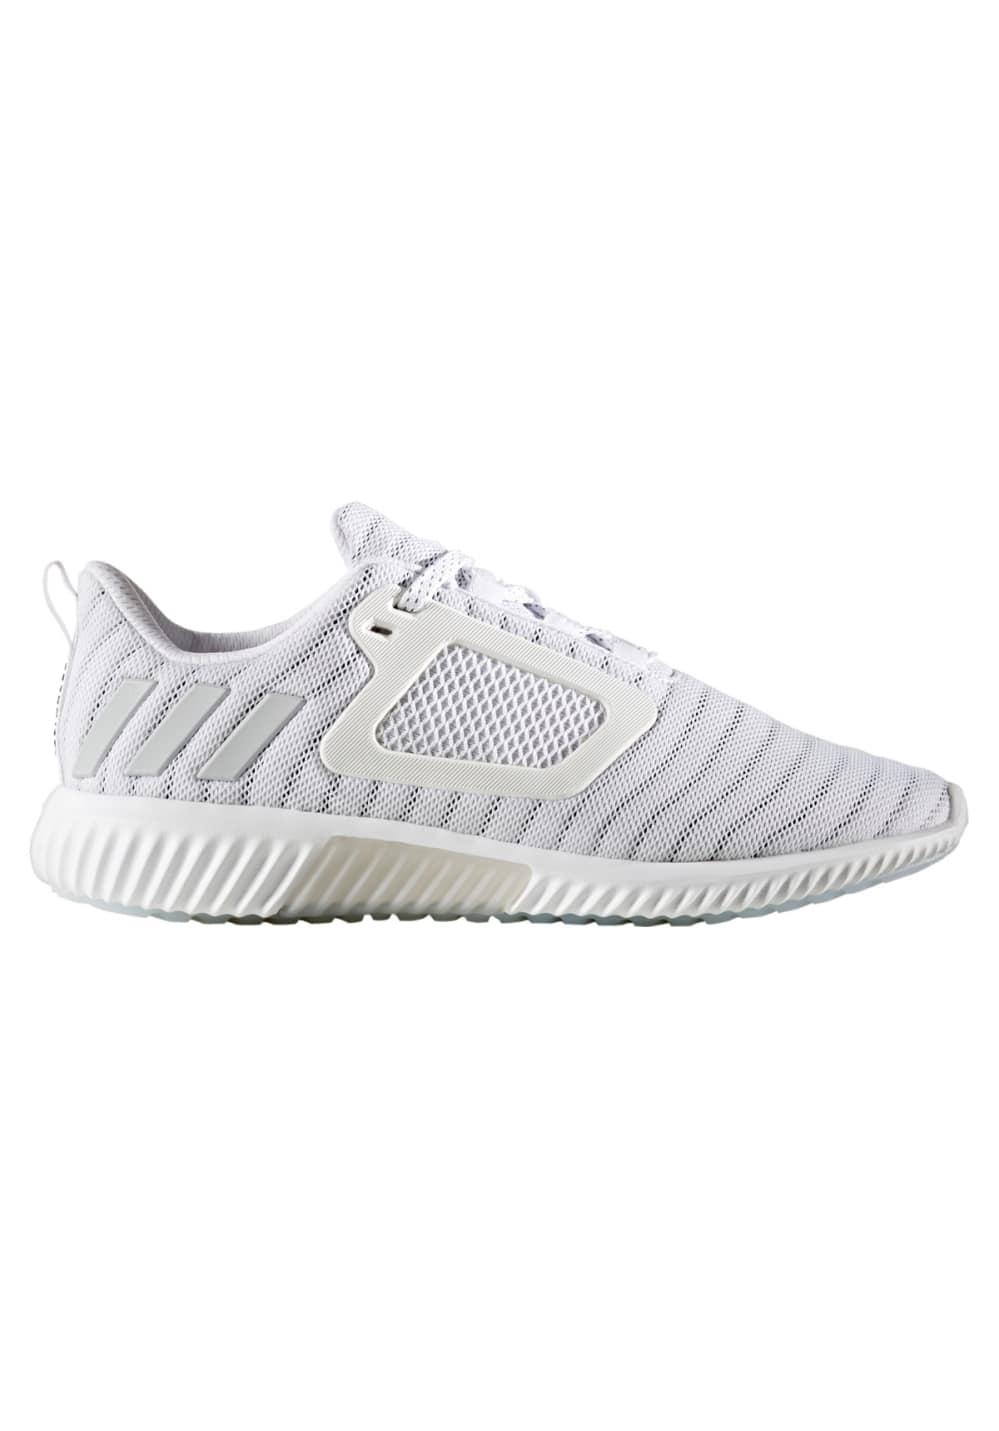 adidas Climacool - Laufschuhe für Damen - Weiß